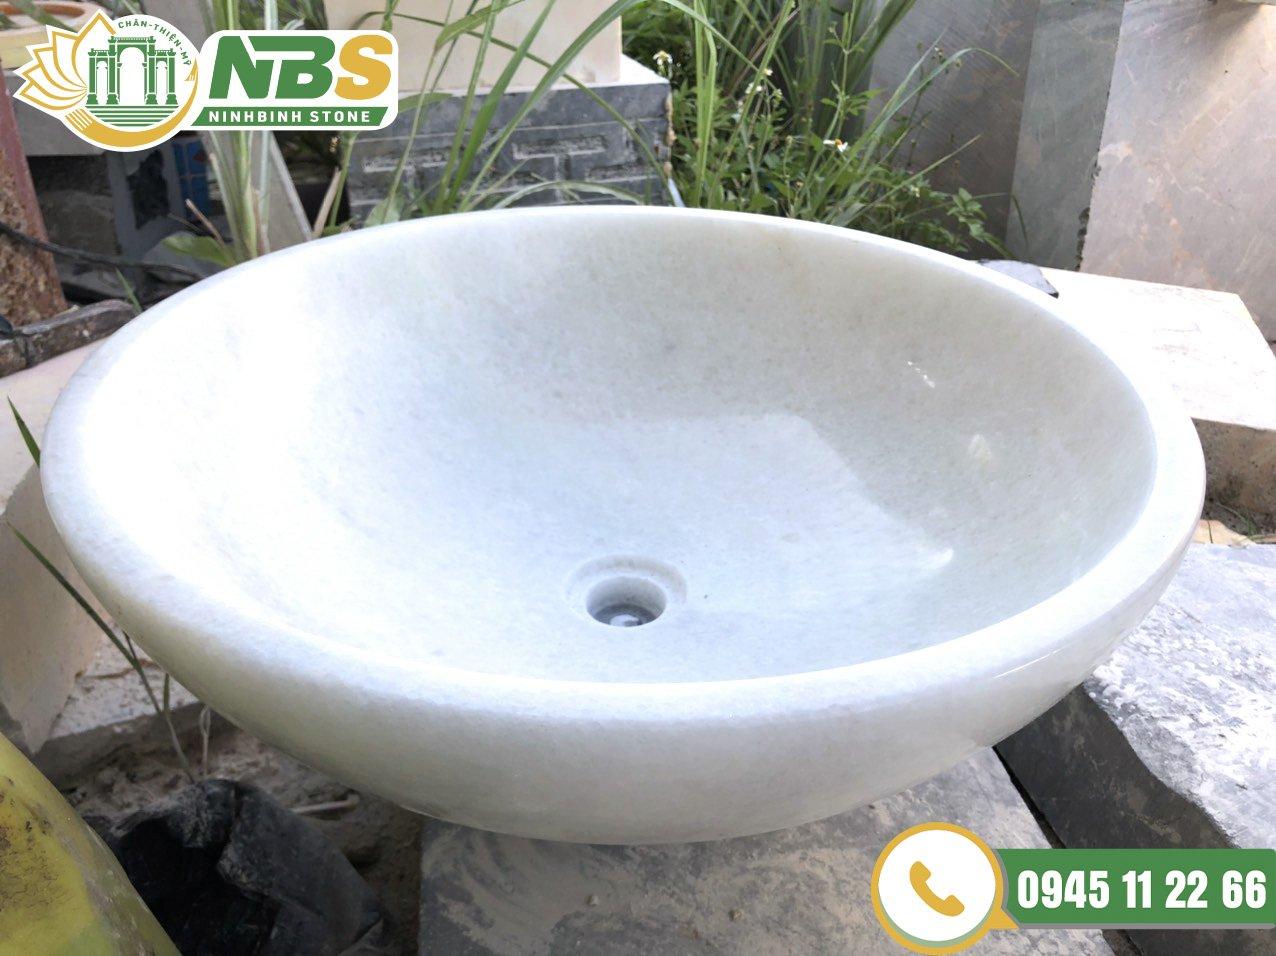 Chậu lavabo đá tự nhiên của Ninh Bình Stone